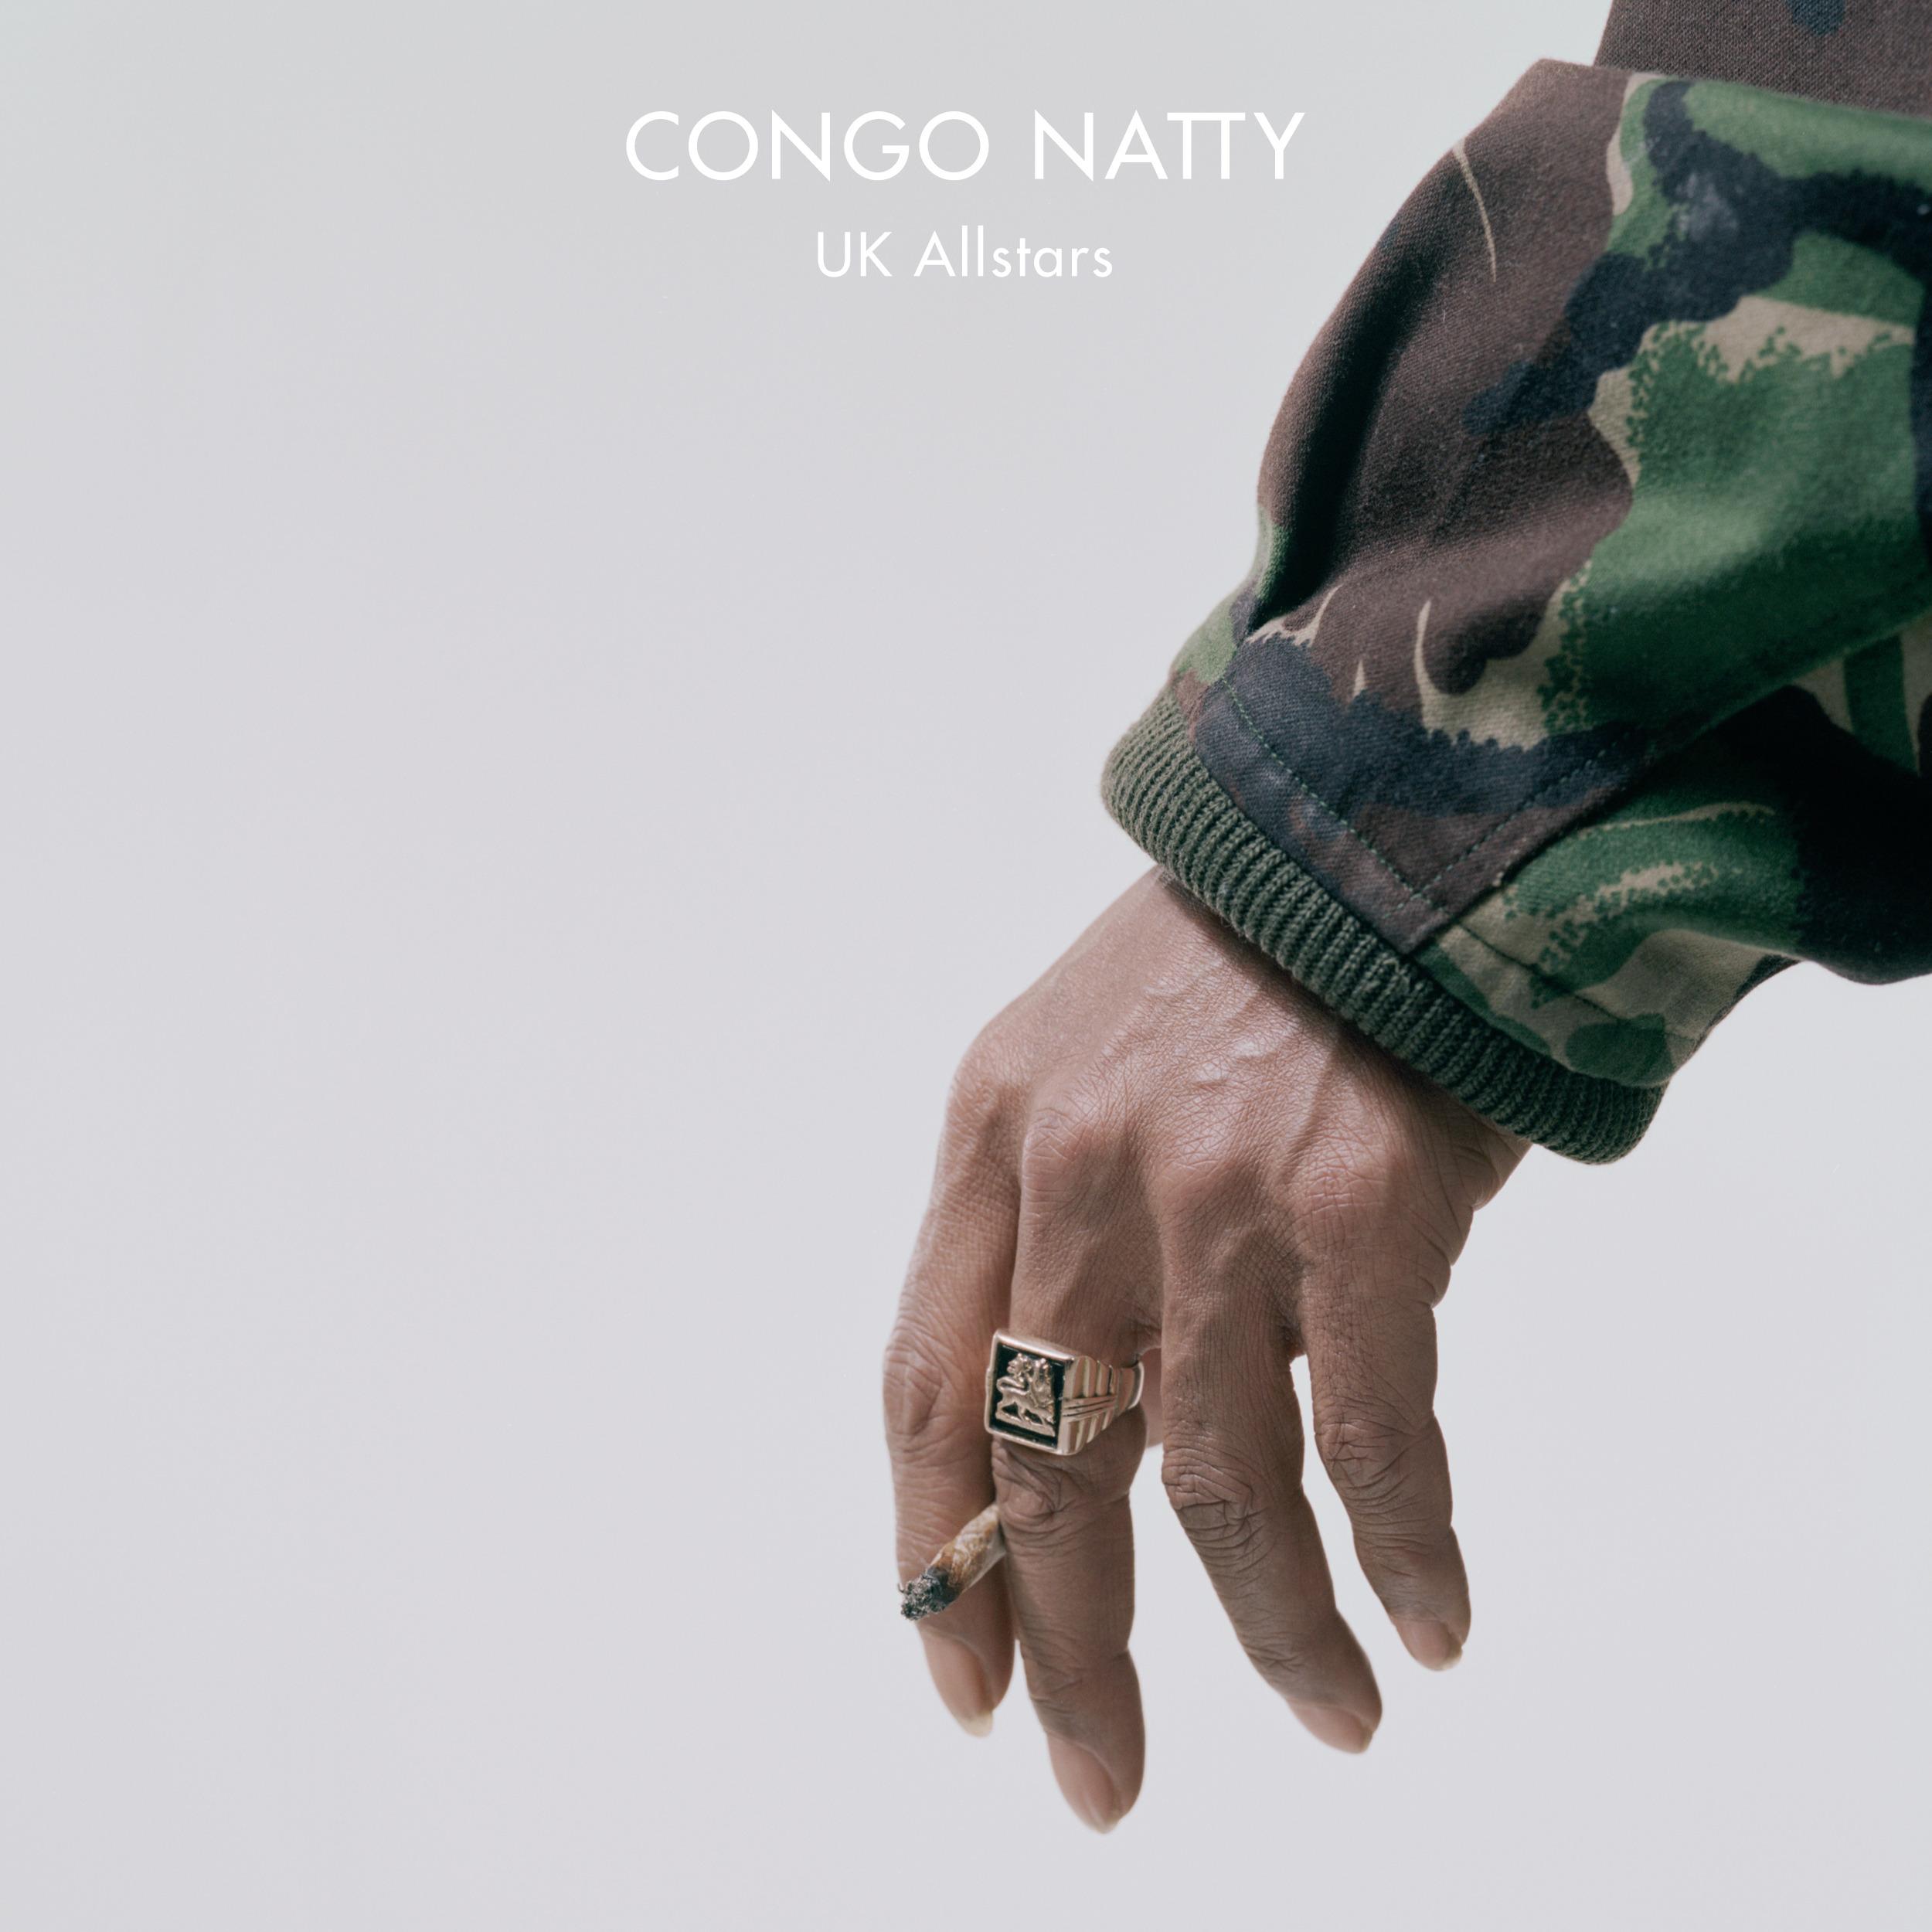 Tenor Fly Meets Congo Natty - 12 Years Of Jungle